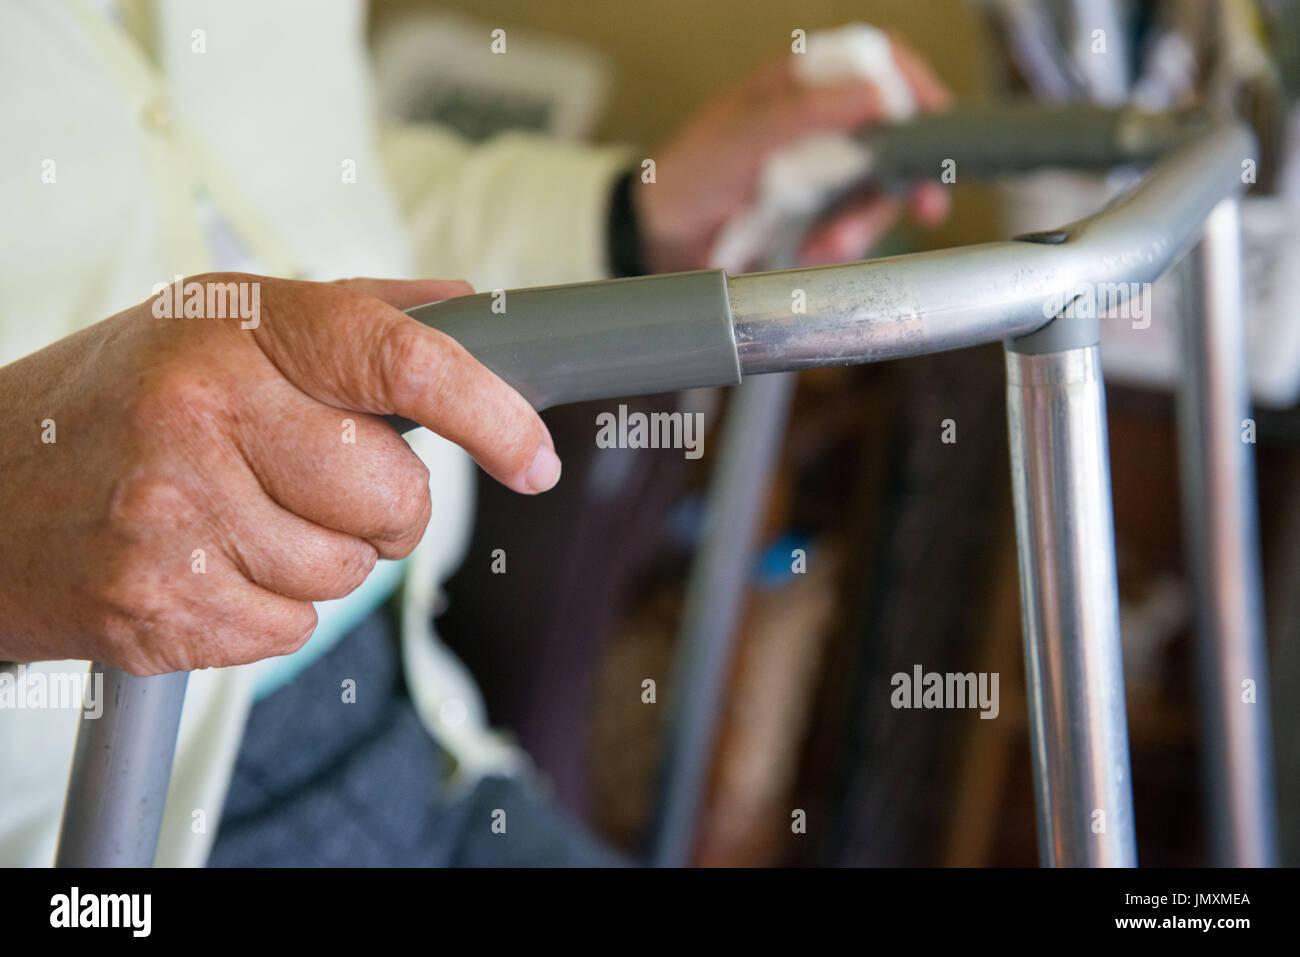 WWW.IANGEORGESONPHOTOGRAPHY.CO.UK Immagine: pensionati, titolare di pensione o di rendita, Zimmer Frame, mobilità, invalidità, vecchiaia, fragile Immagini Stock